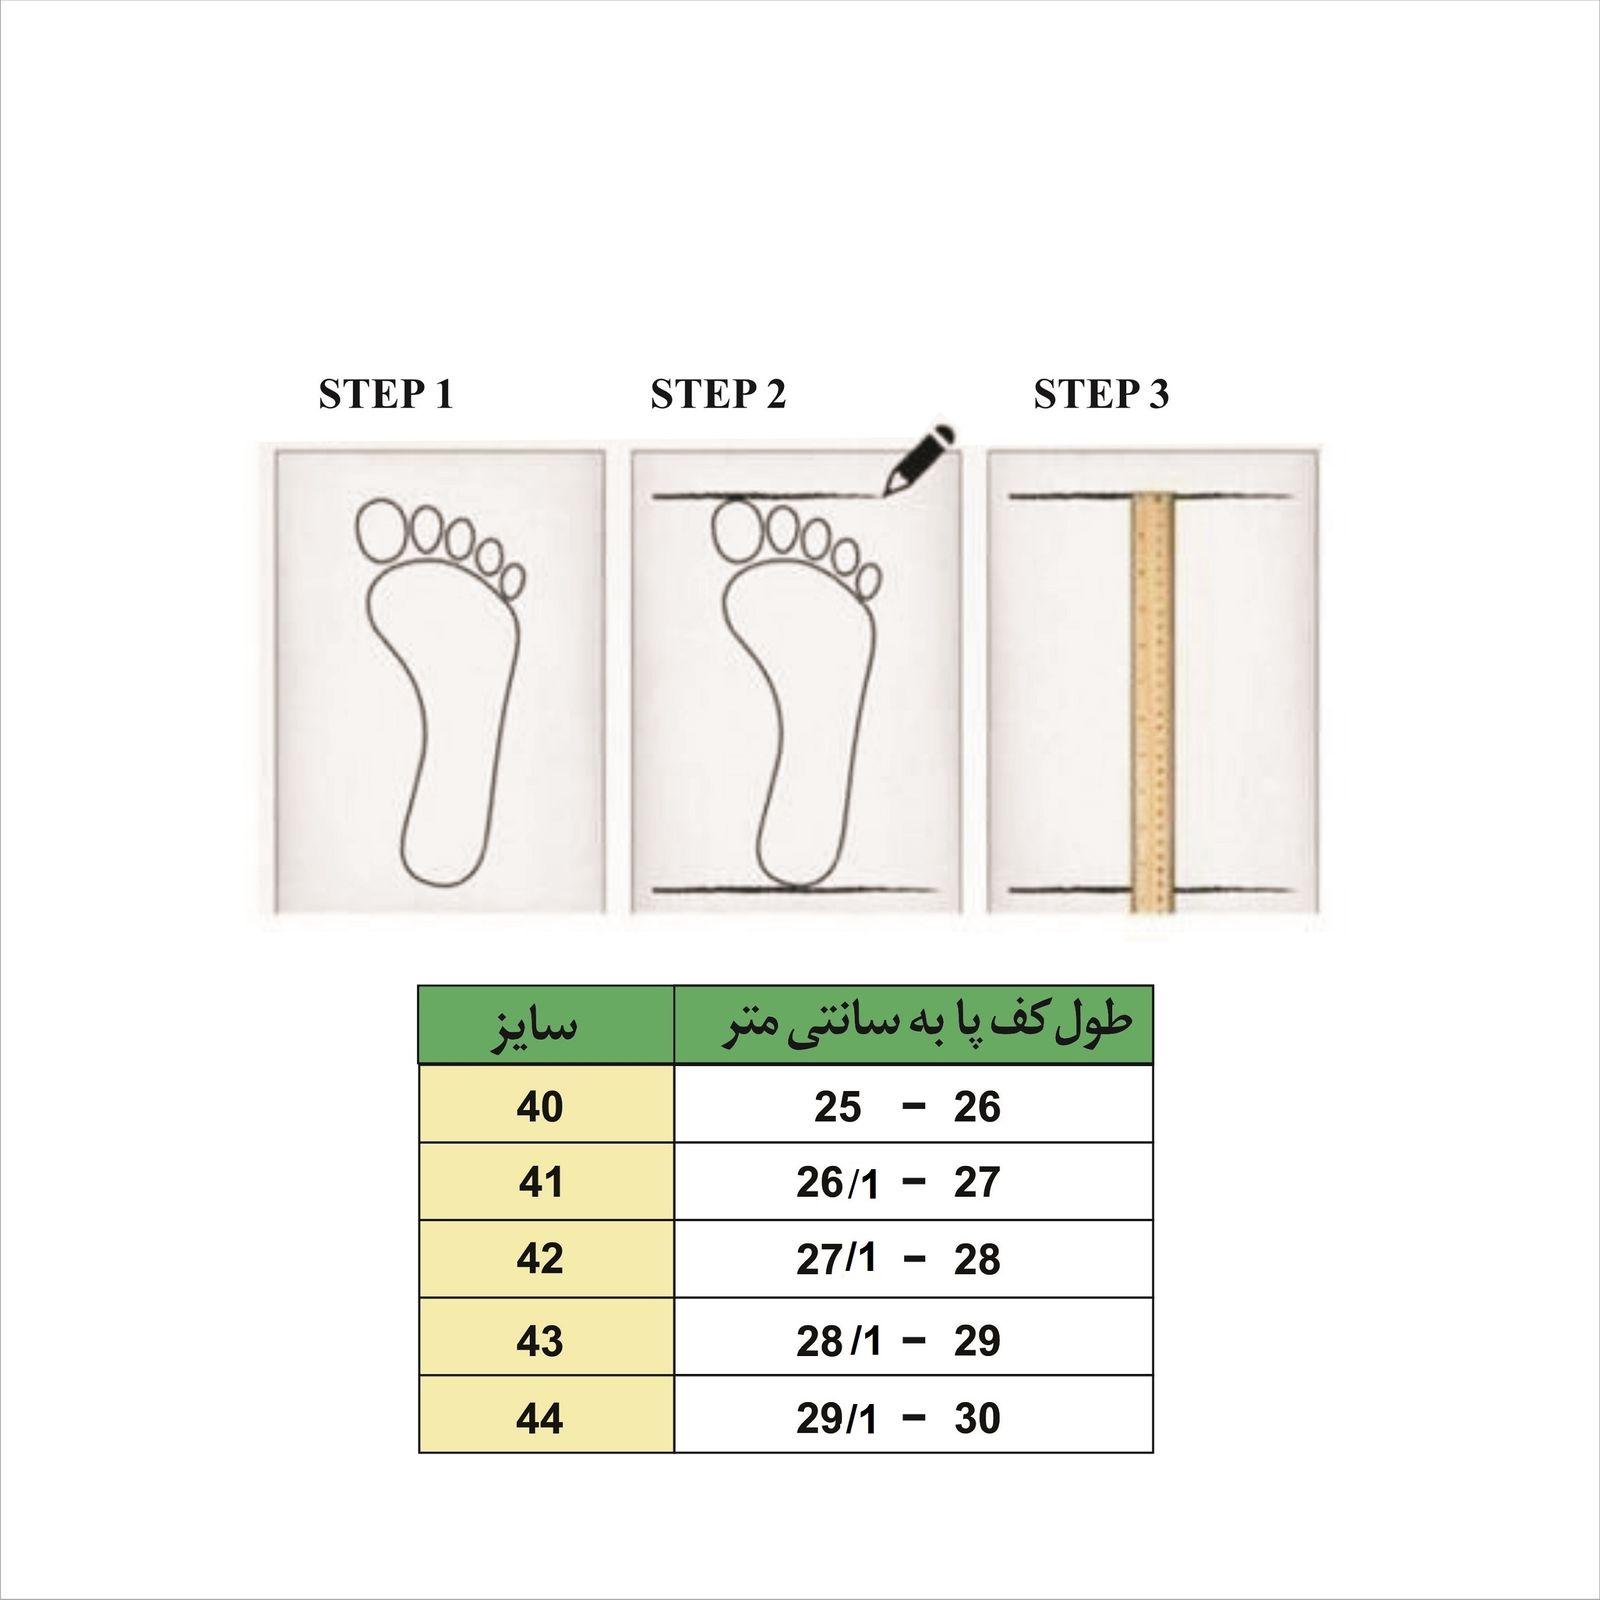 کفش مردانه فری مود کد 1518 رنگ قهوه ای -  - 5